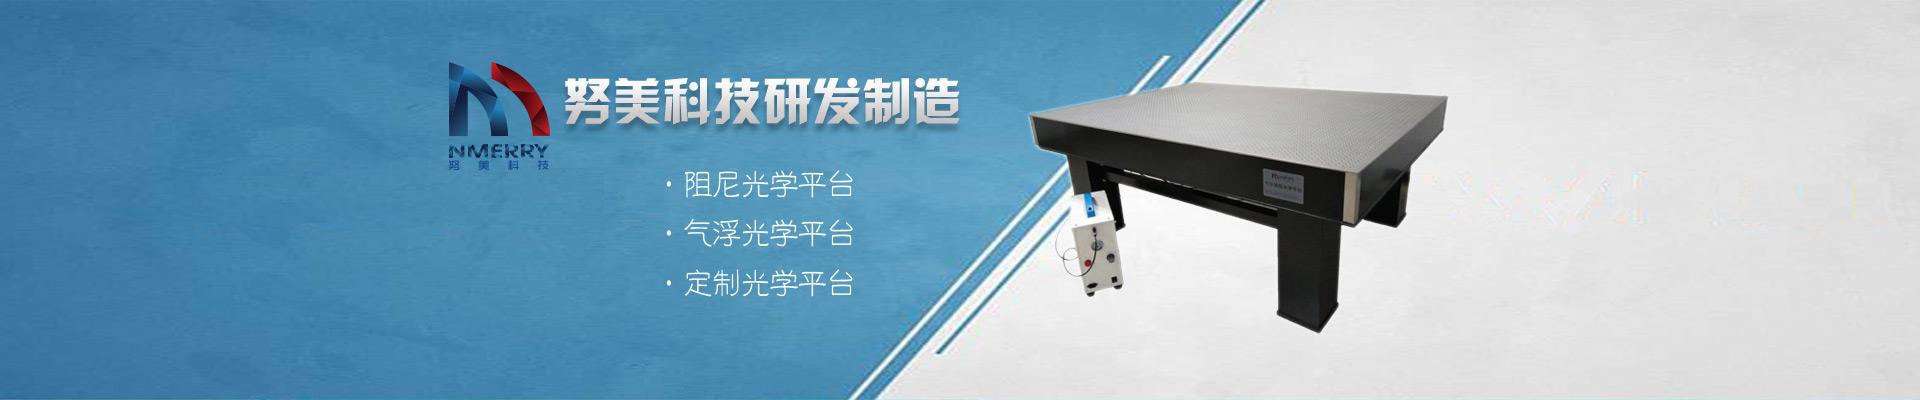 努美(北京)科技有限公司